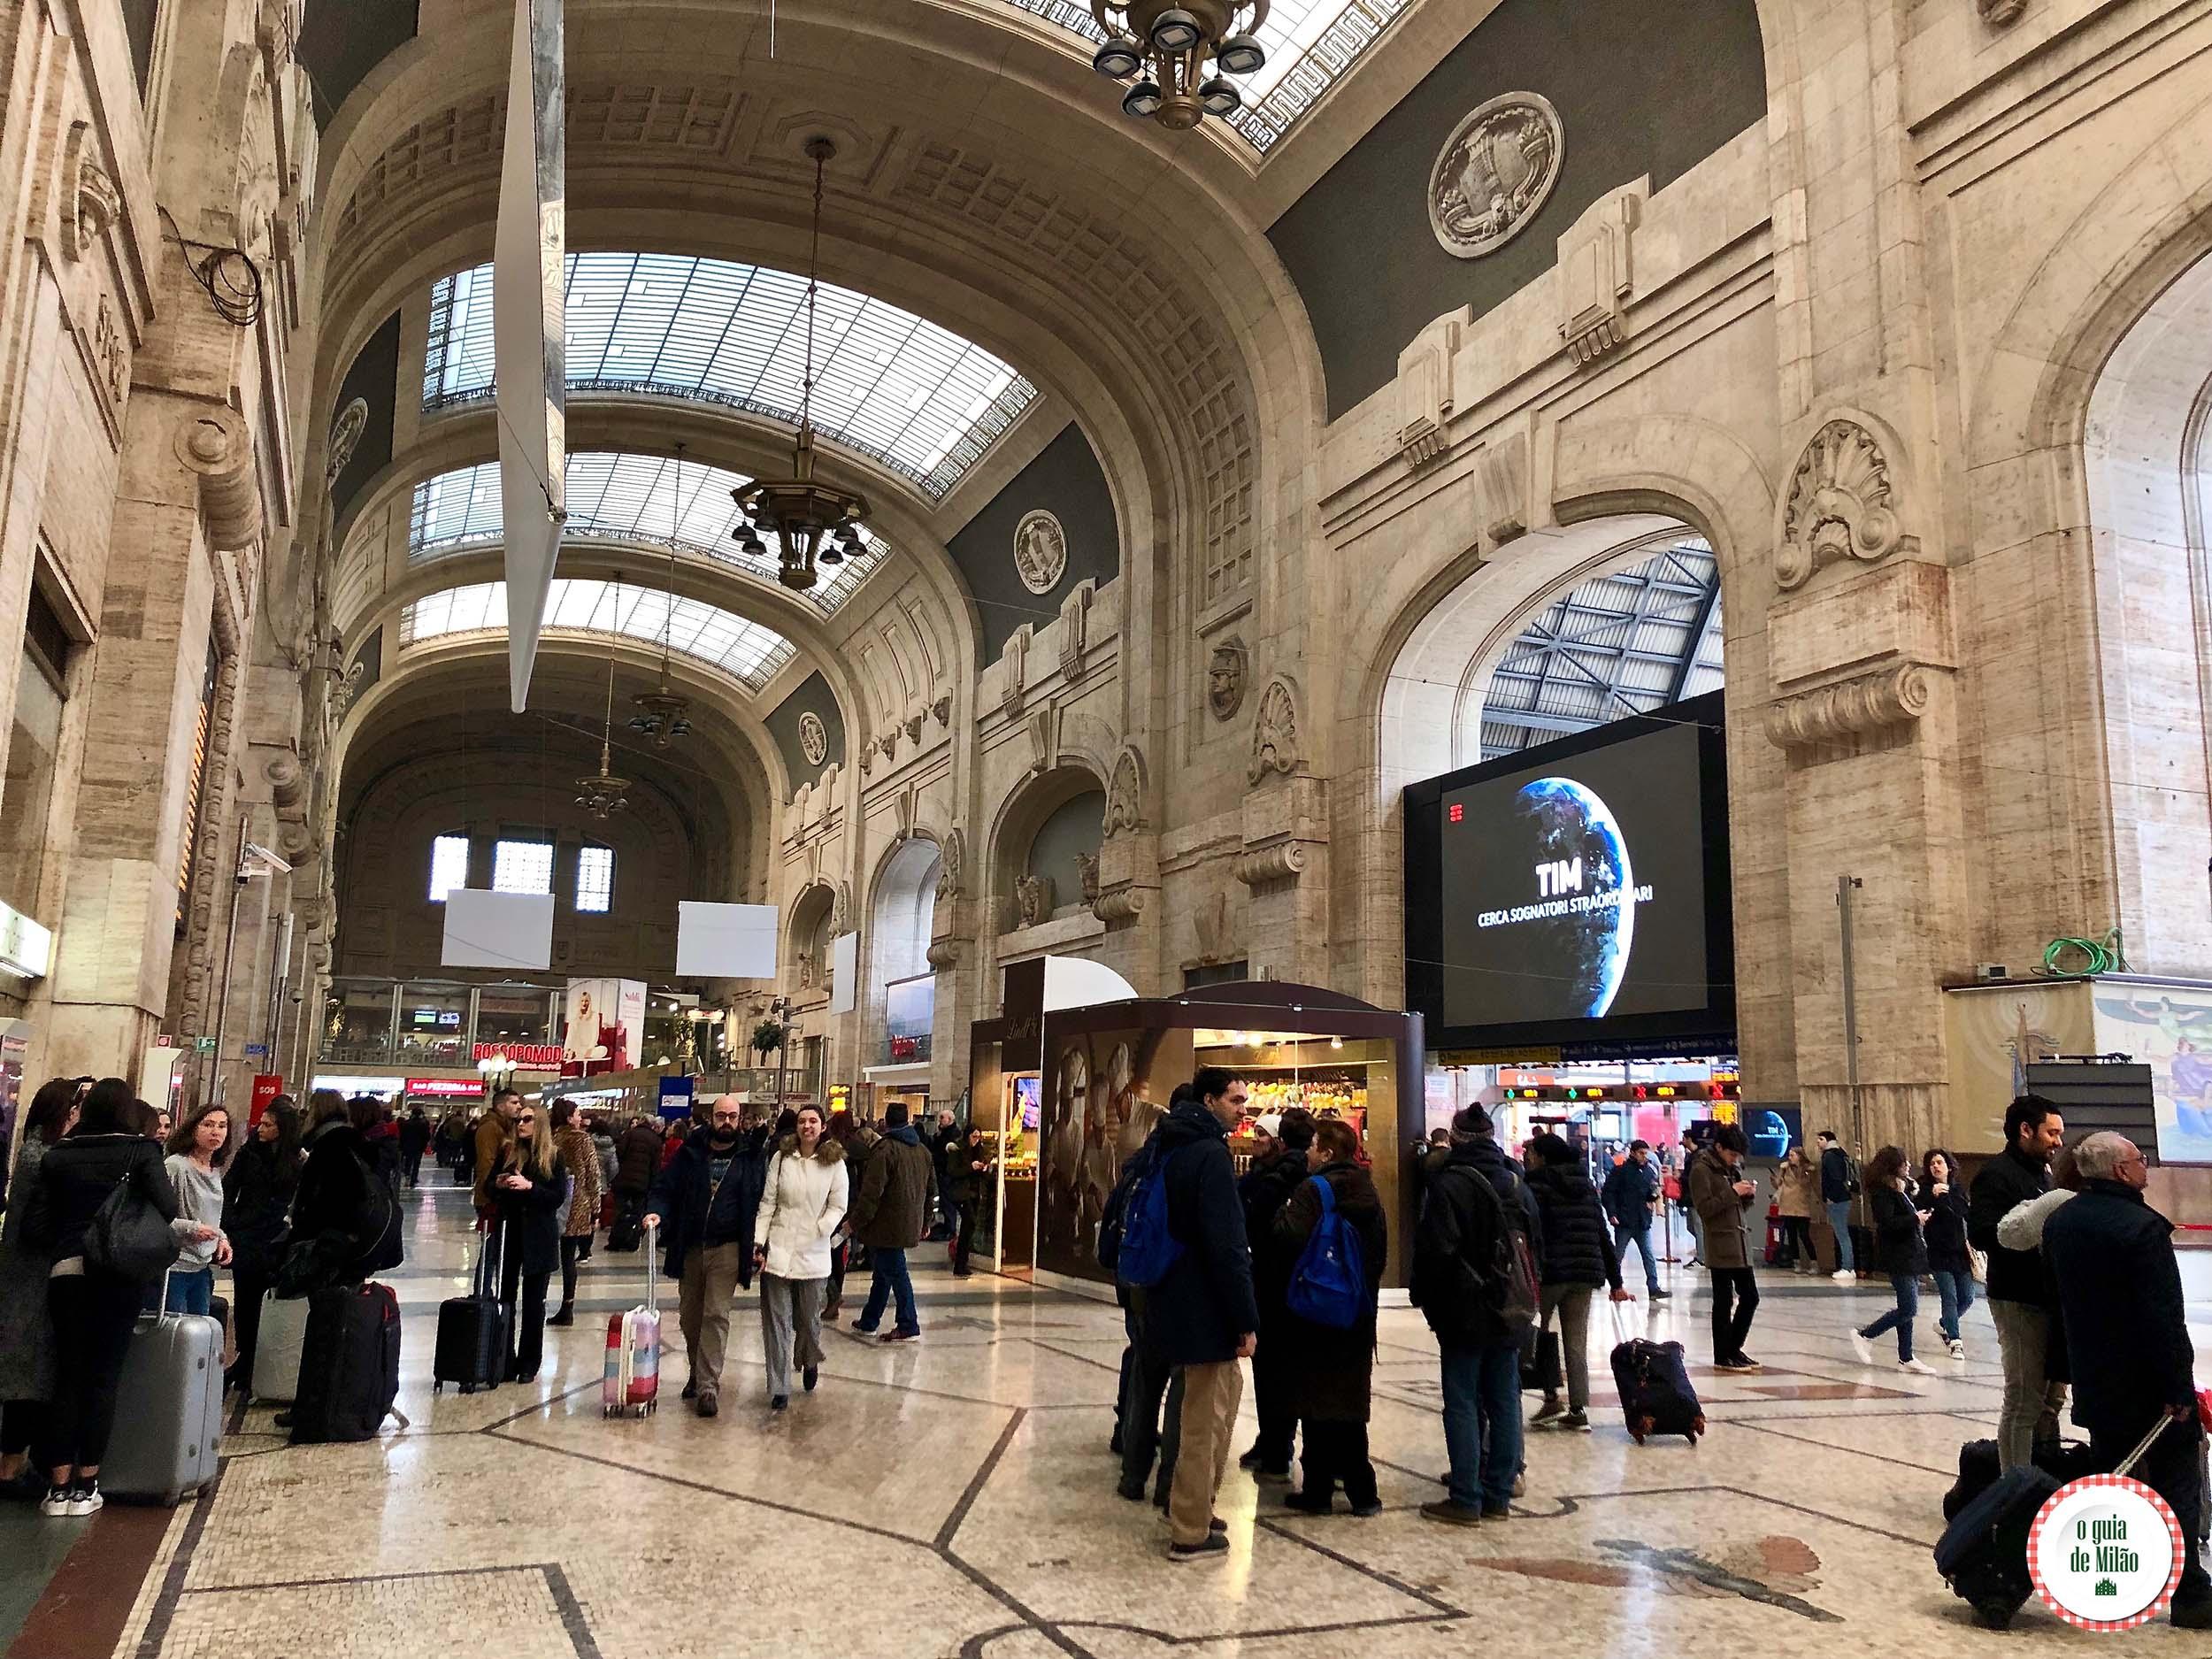 Aonde te leva a linha amarela do metrô de Milão